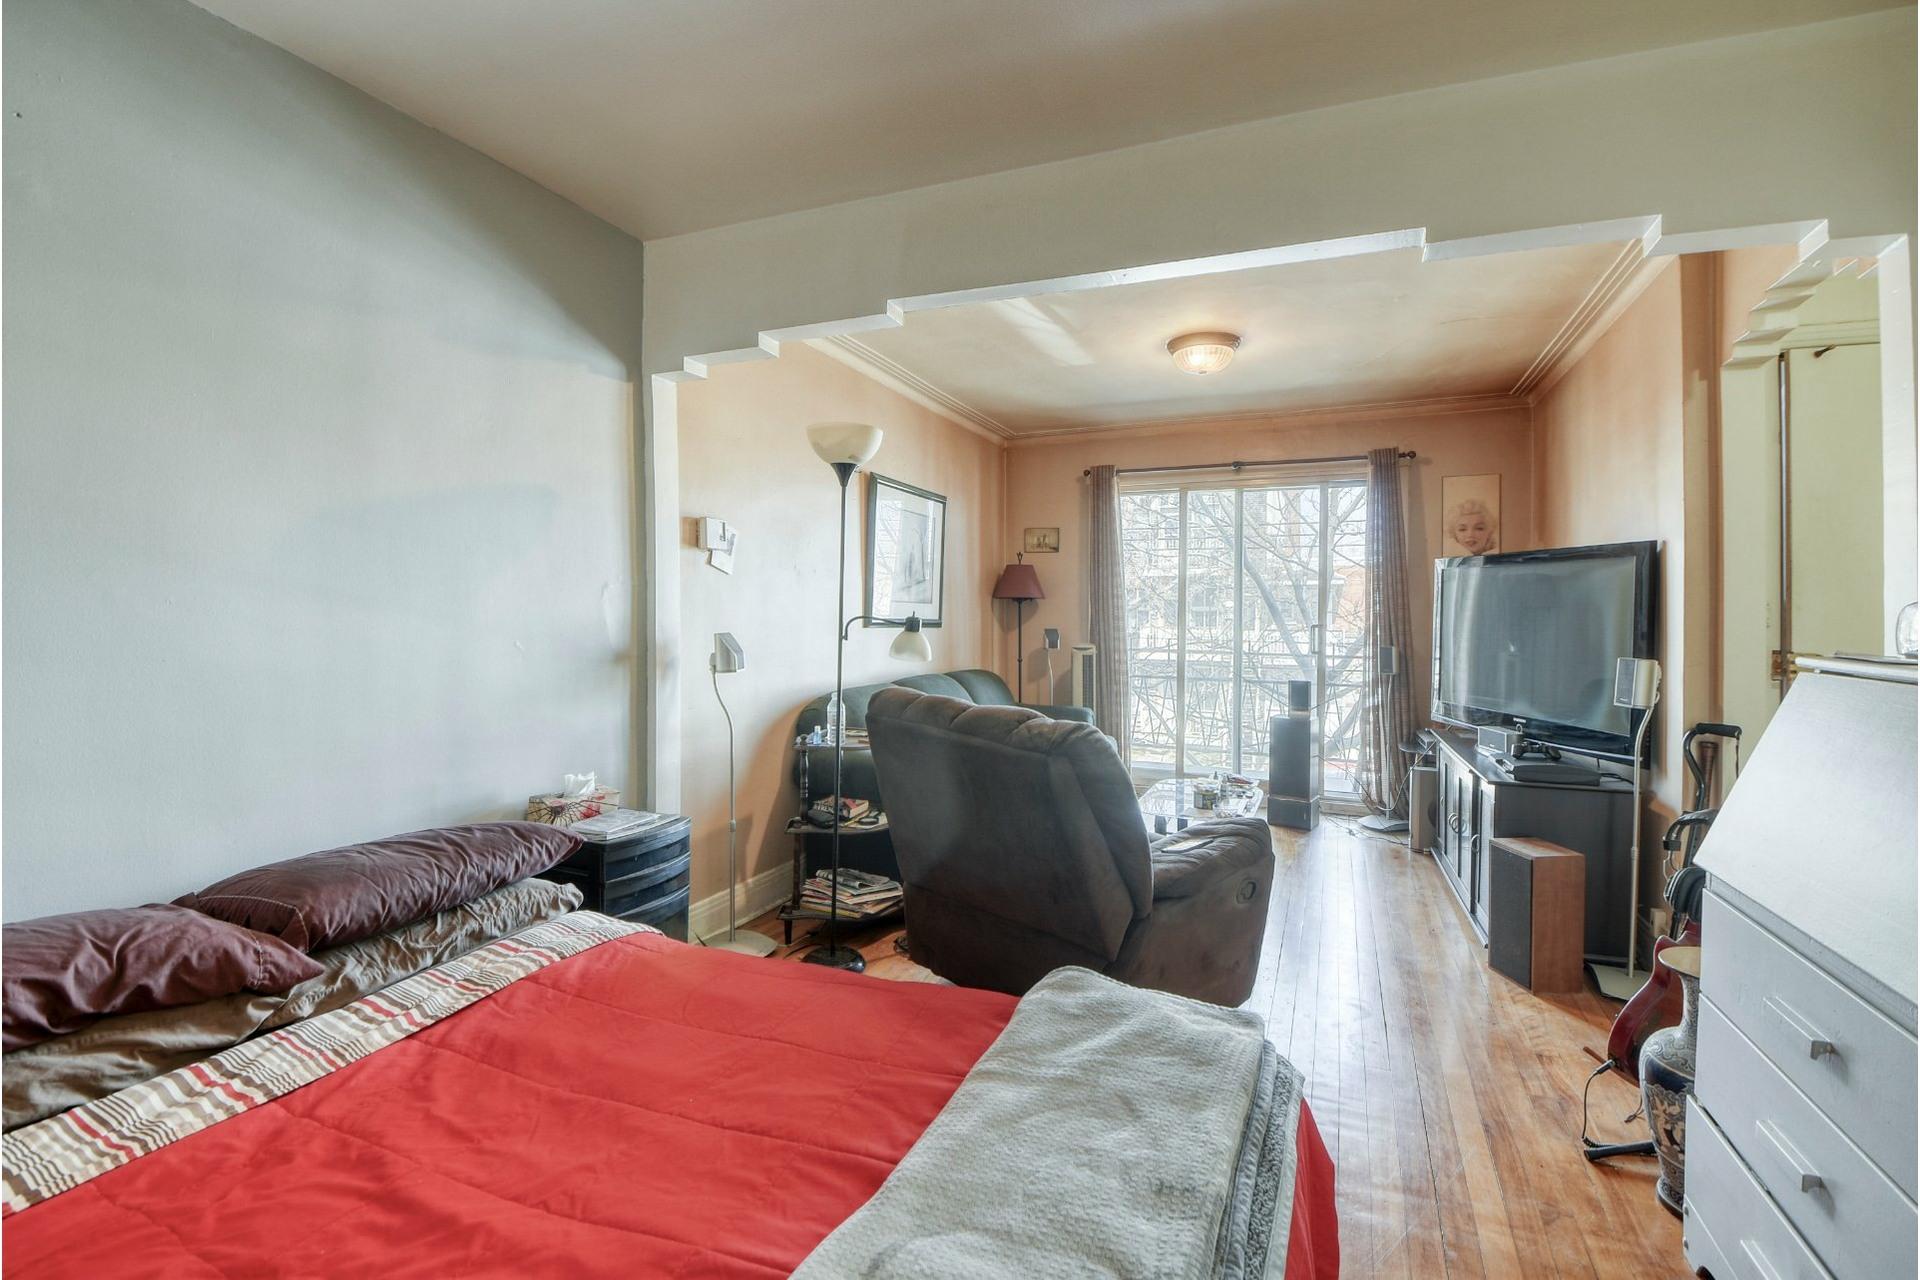 image 19 - Quintuplex For sale Mercier/Hochelaga-Maisonneuve Montréal  - 6 rooms